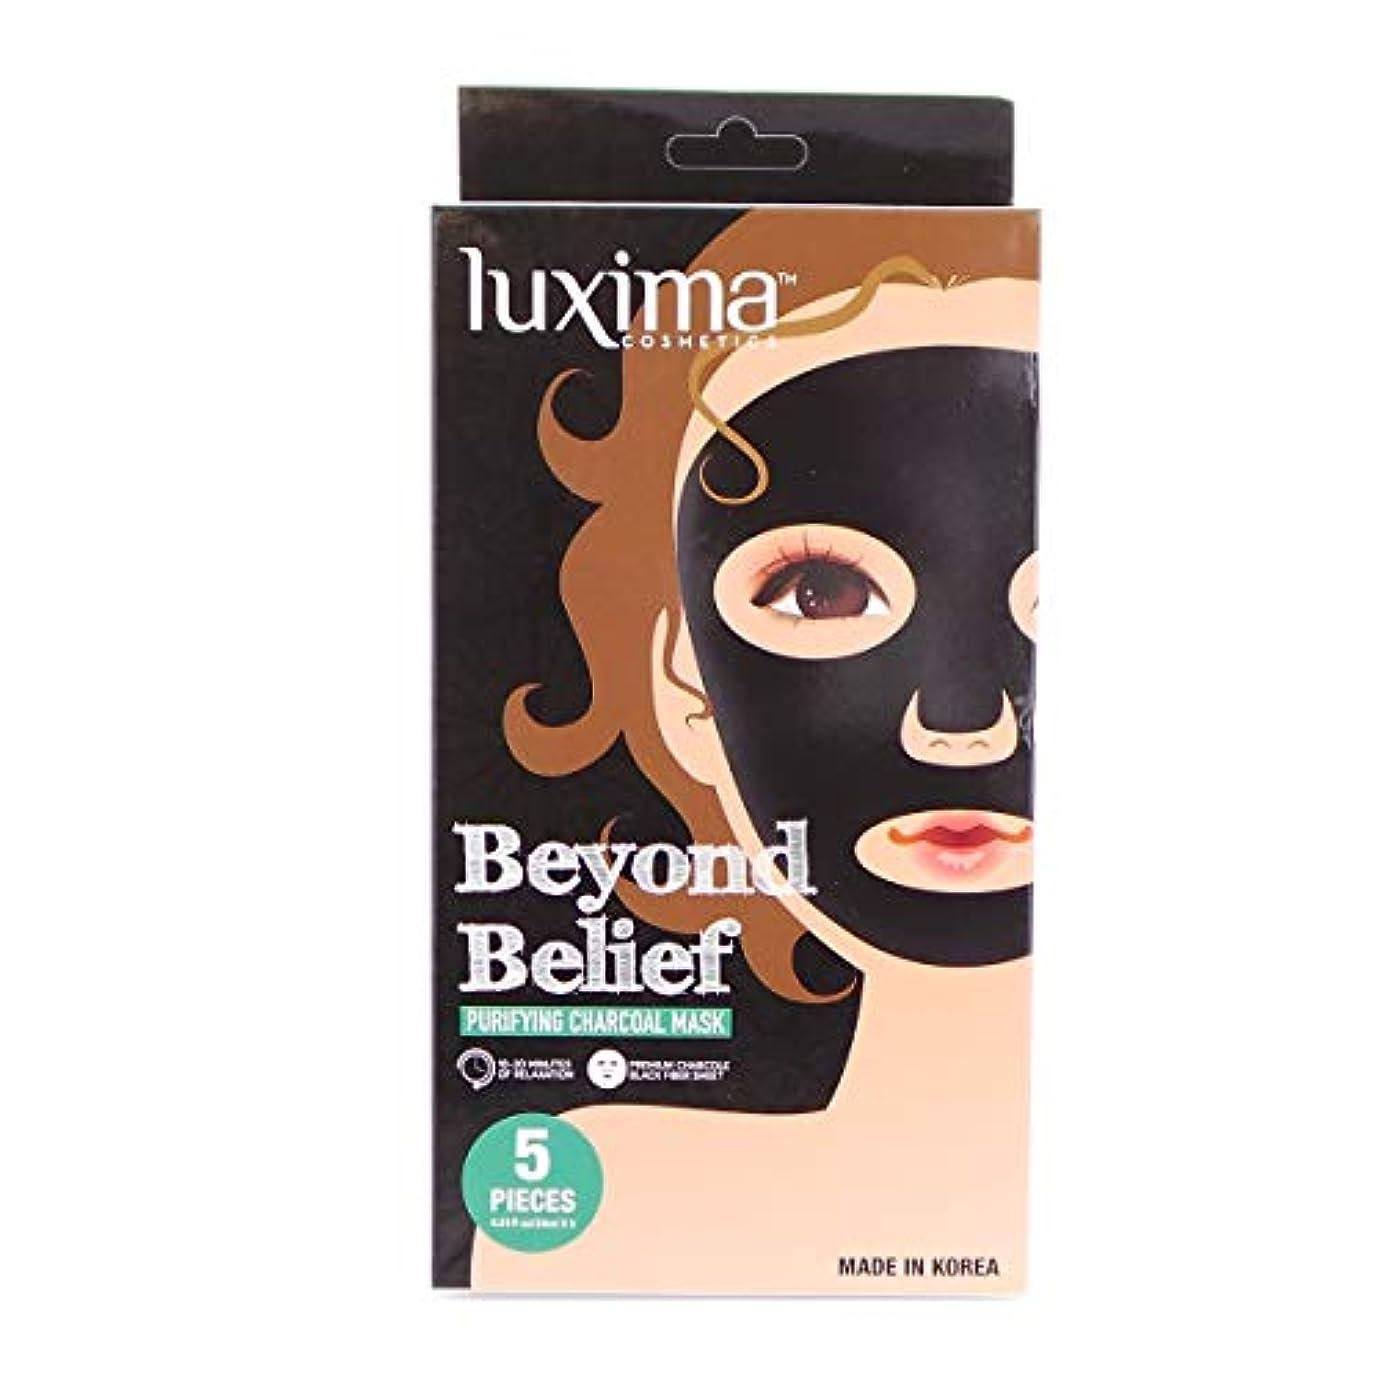 シャット抹消学んだ(3 Pack) LUXIMA Beyond Belief Purifying Charcoal Mask, Pack of 5 (並行輸入品)